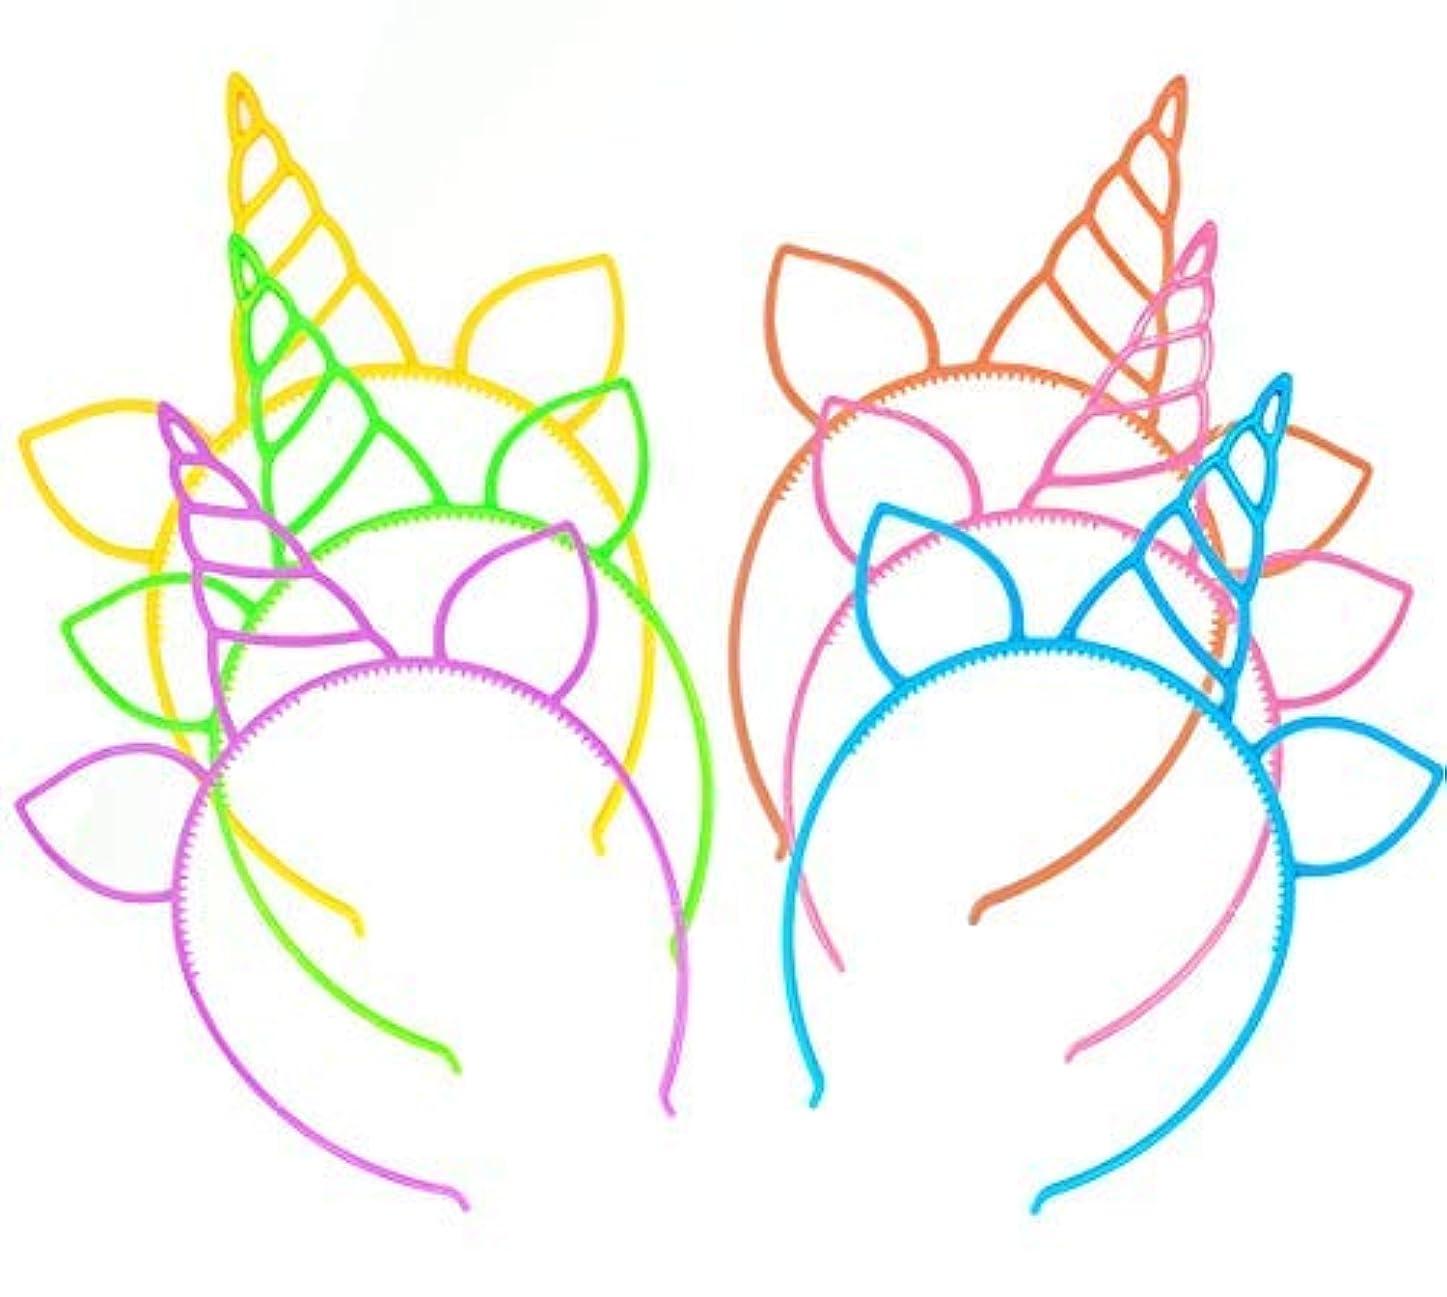 節約引き受ける傾いた12 Pcs Unicorn Headbands Theme Birthday Party Favor Supplies Gift Costume [並行輸入品]